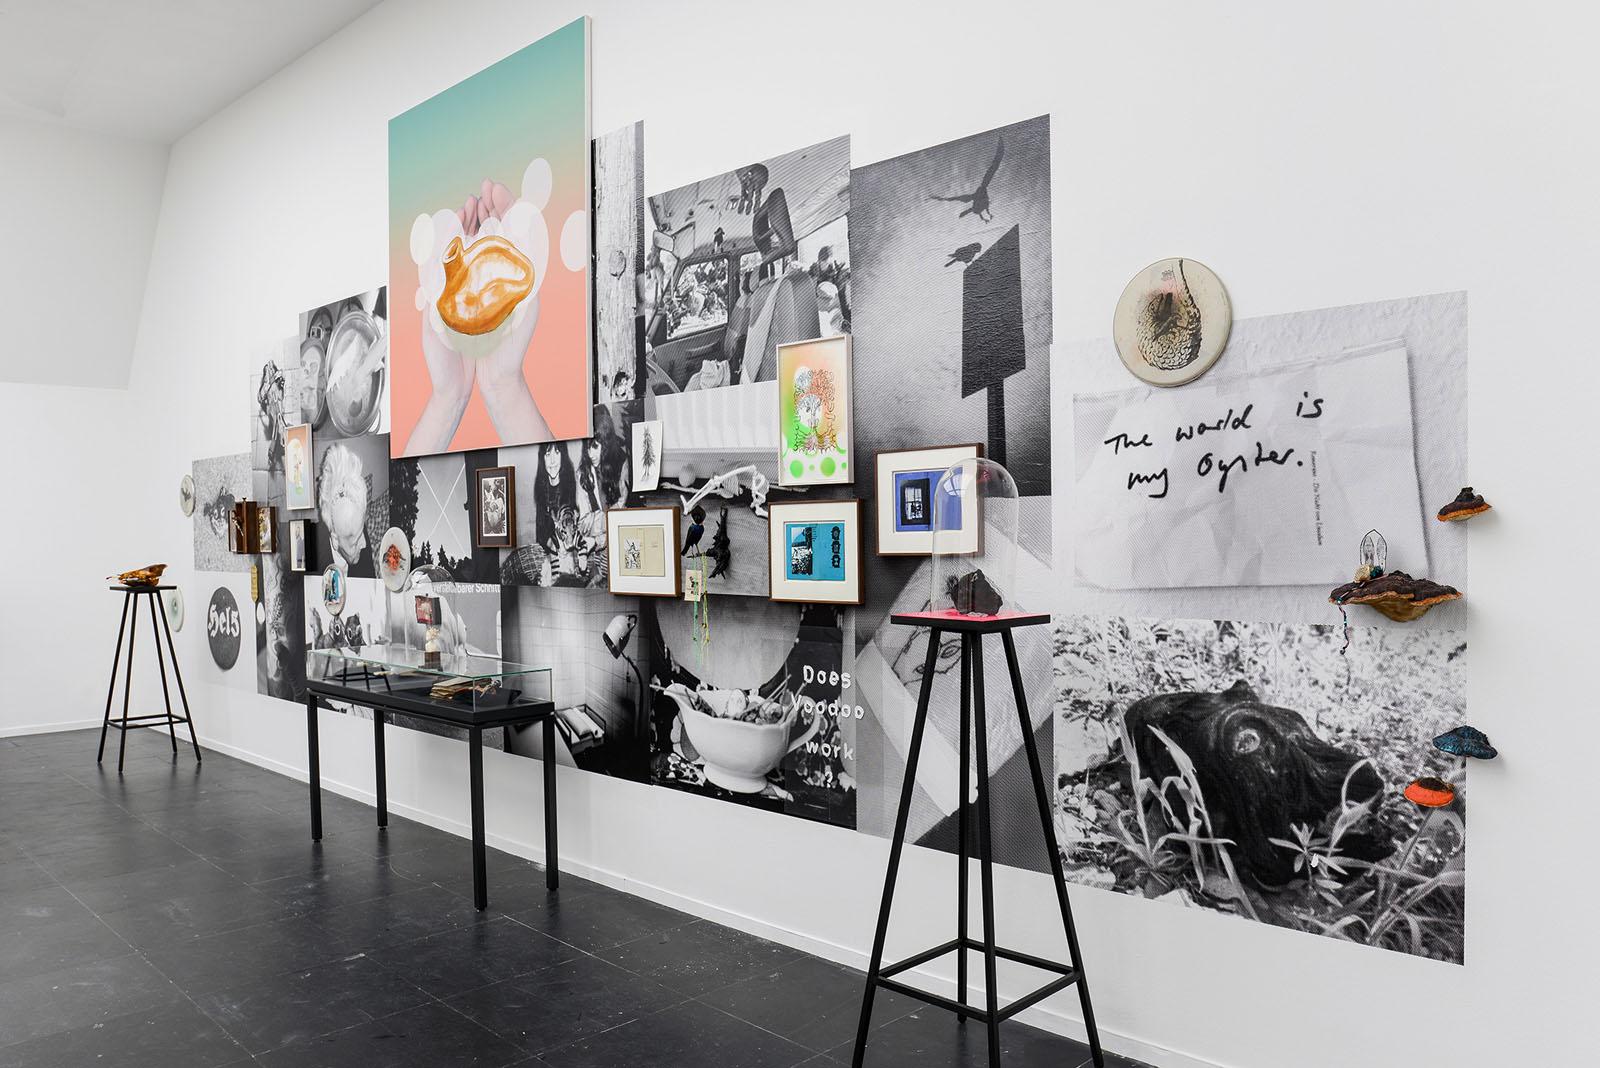 """Ausstellungsansicht """"Does Voodoo work? II"""", Frankfurter Kunstverein"""